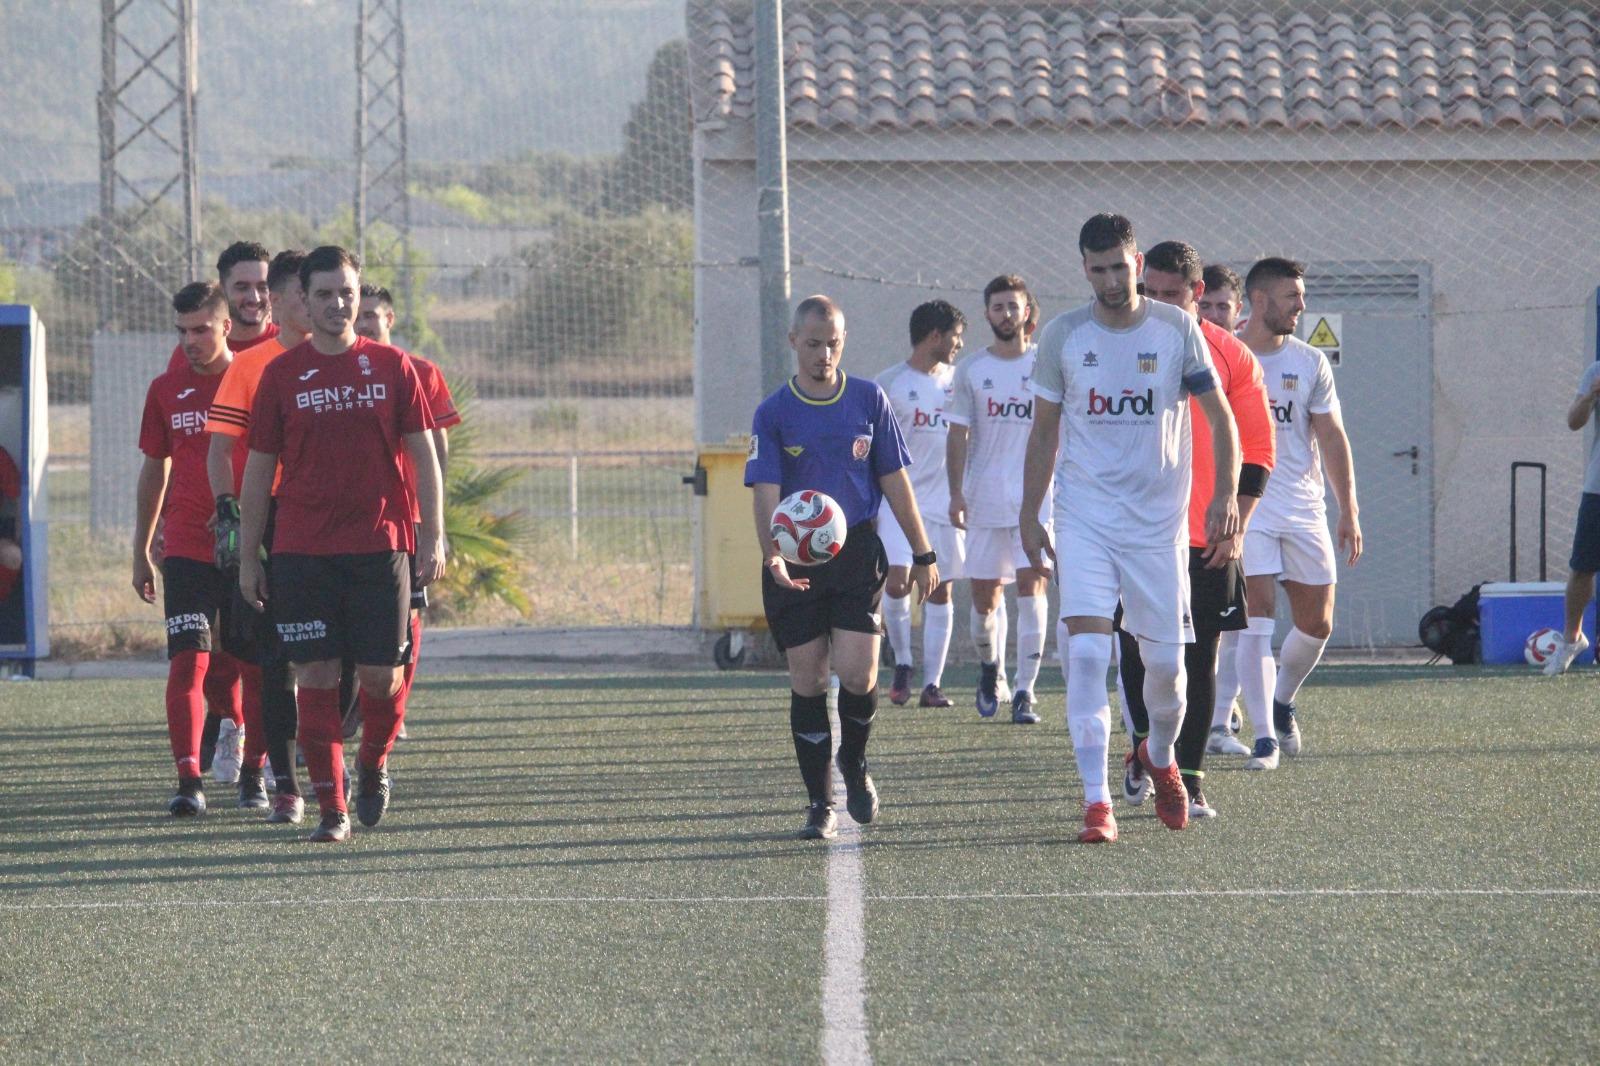 El CD Buñol ha comenzado con buen pie la pretemporada venciendo al Oliveral por la mínima. Foto: Raúl Miralles.